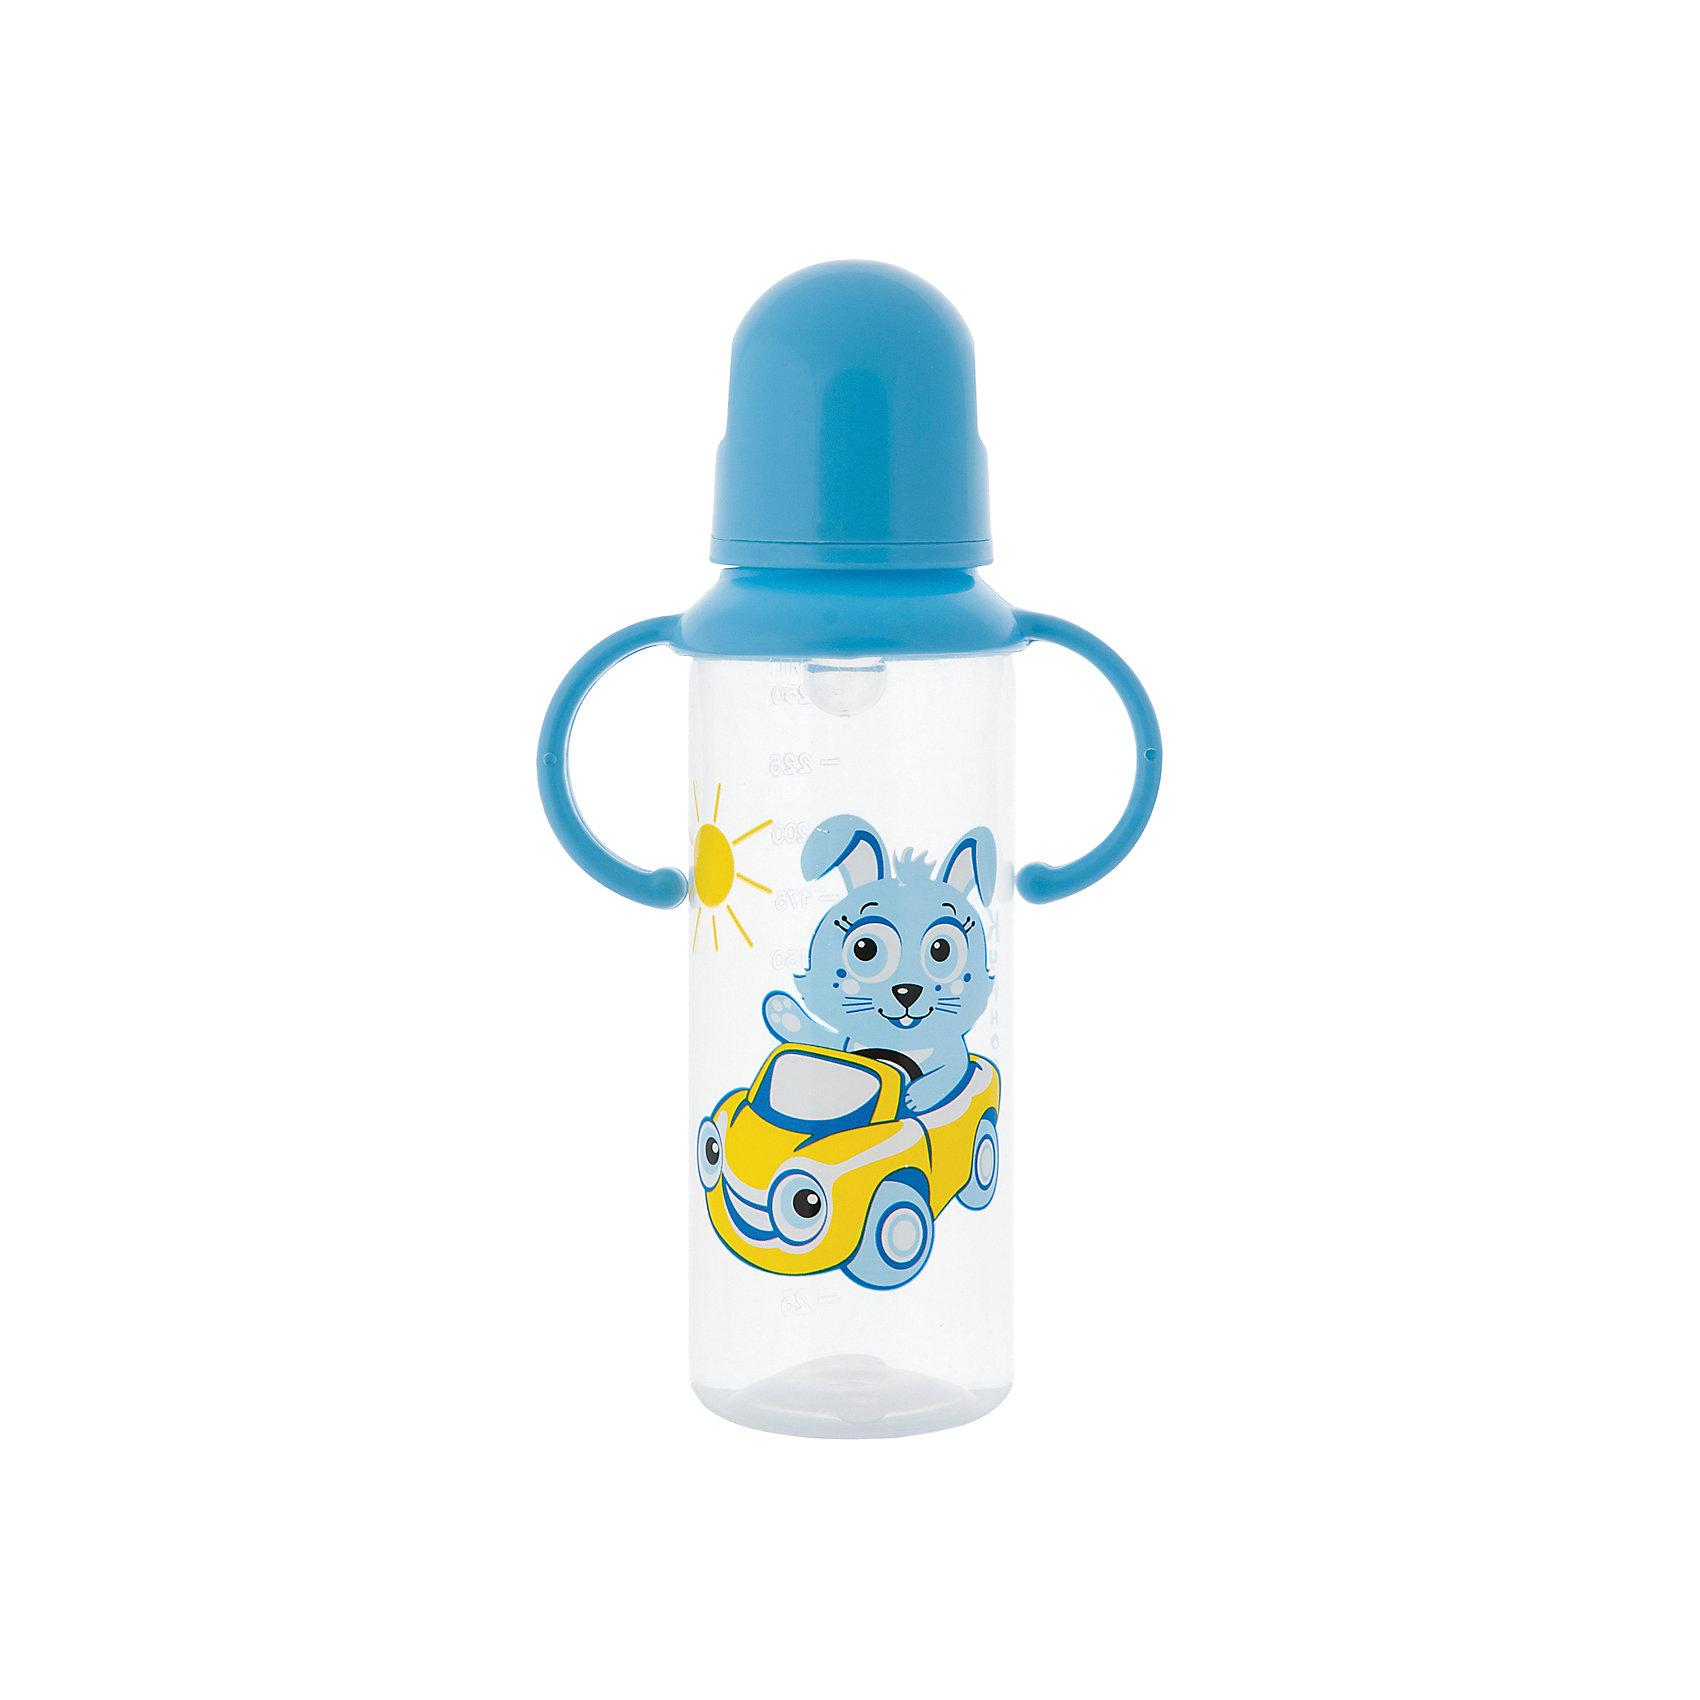 Бутылочка с ручками и силиконовой соской,250 мл, Kurnosiki, голубойХарактеристики:<br><br>• Наименование: бутылка для кормления<br>• Рекомендуемый возраст: от 0 месяцев<br>• Пол: для мальчика<br>• Объем: 250 мл<br>• Материал: силикон, пластик<br>• Цвет: голубой<br>• Рисунок: зайчонок Хрум-Хрум<br>• Форма соски: классическая<br>• Поток у соски: медленный<br>• Комплектация: бутылочка, соска, колпачок, ручки<br>• Съемные ручки<br>• Узкое горлышко<br>• Вес: 125 г<br>• Можно использовать в СВЧ и посудомоечной машине<br>• Особенности ухода: регулярная стерилизация и своевременная замена соски<br><br>Бутылочка с ручками и силиконовой соской, 250 мл, Kurnosiki, зеленый выполнена из прочного и жароустойчивого пластика, на котором не появляются царапины и сколы. У бутылочки узкое горлышко. В комплекте предусмотрены съемные ручки, при помощи которых малышу удобно держать бутылочку в руках самостоятельно. Силиконовая соска классической формы, не имеет цвета и запаха, обладает повышенными гипоаллергенными свойствами. <br><br>Изделие выполнено в брендовом дизайне: на бутылочку нанесено изображение одного из героев серии Курносиков ? лягушонка Ква-Ква. Рисунок устойчив к выцветанию и истиранию. Бутылочка с ручками и силиконовой соской, 250 мл, Kurnosiki, зеленый – это практичный и стильный предмет для кормления малыша!<br><br>Бутылочку с ручками и силиконовой соской, 250 мл, Kurnosiki, зеленый можно купить в нашем интернет-магазине.<br><br>Ширина мм: 55<br>Глубина мм: 105<br>Высота мм: 215<br>Вес г: 74<br>Возраст от месяцев: 6<br>Возраст до месяцев: 18<br>Пол: Мужской<br>Возраст: Детский<br>SKU: 5428780